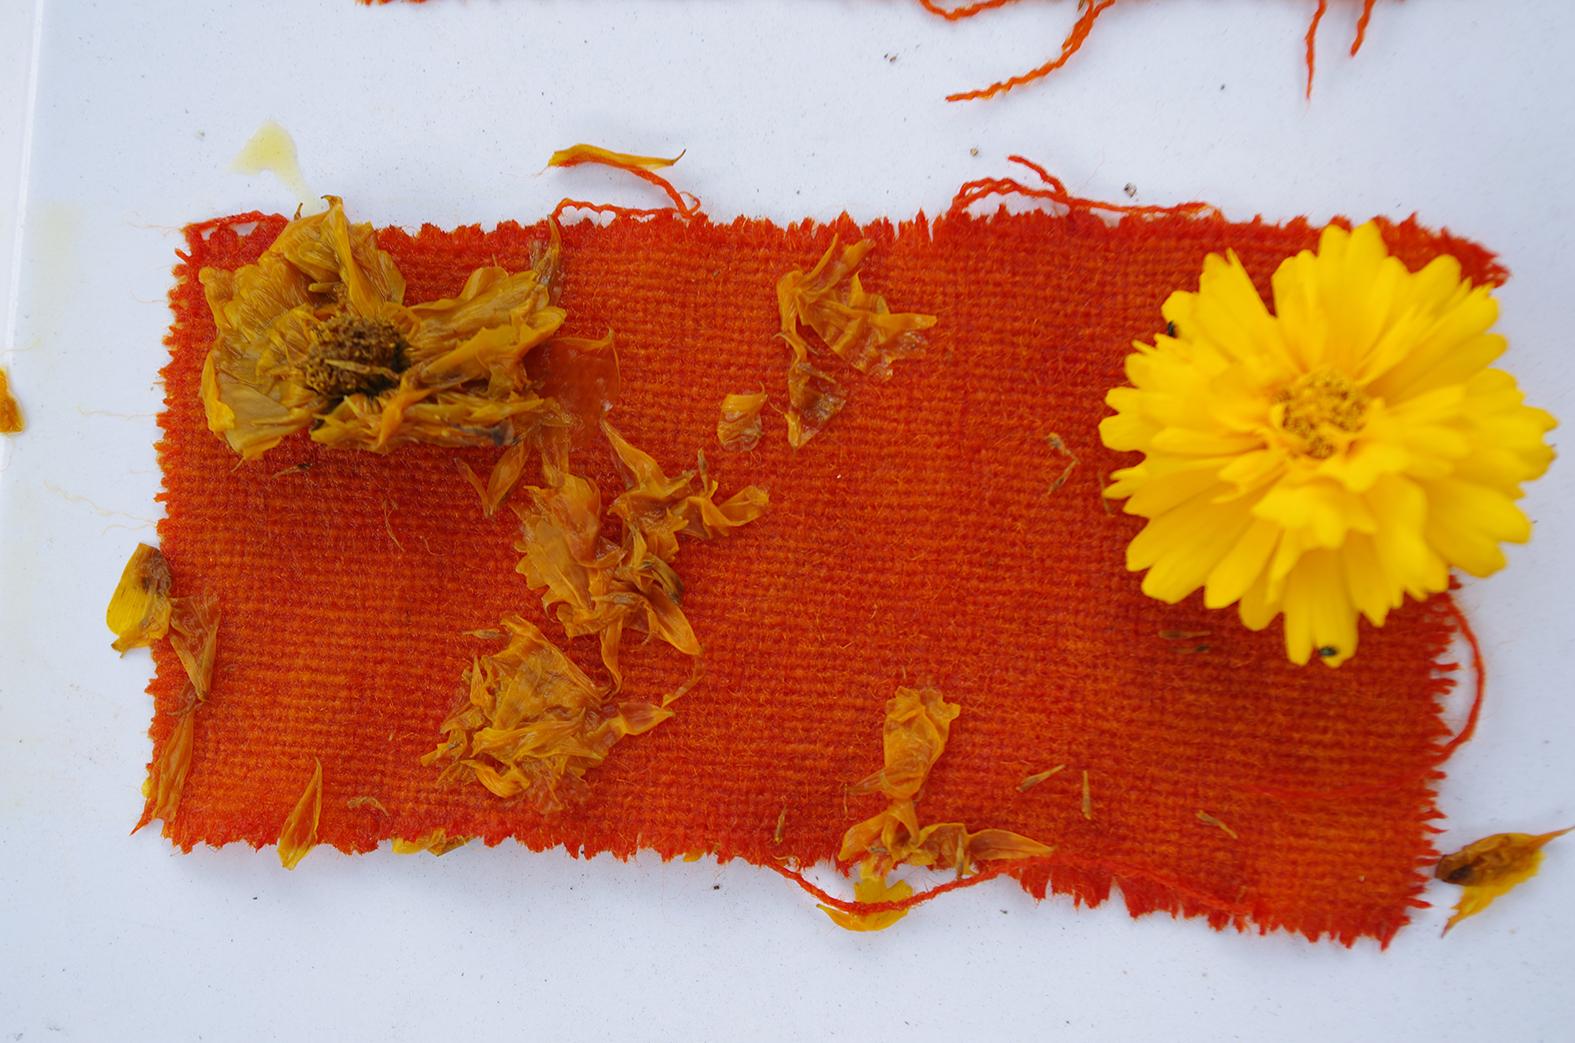 Dyer's Alkanet | susan dye